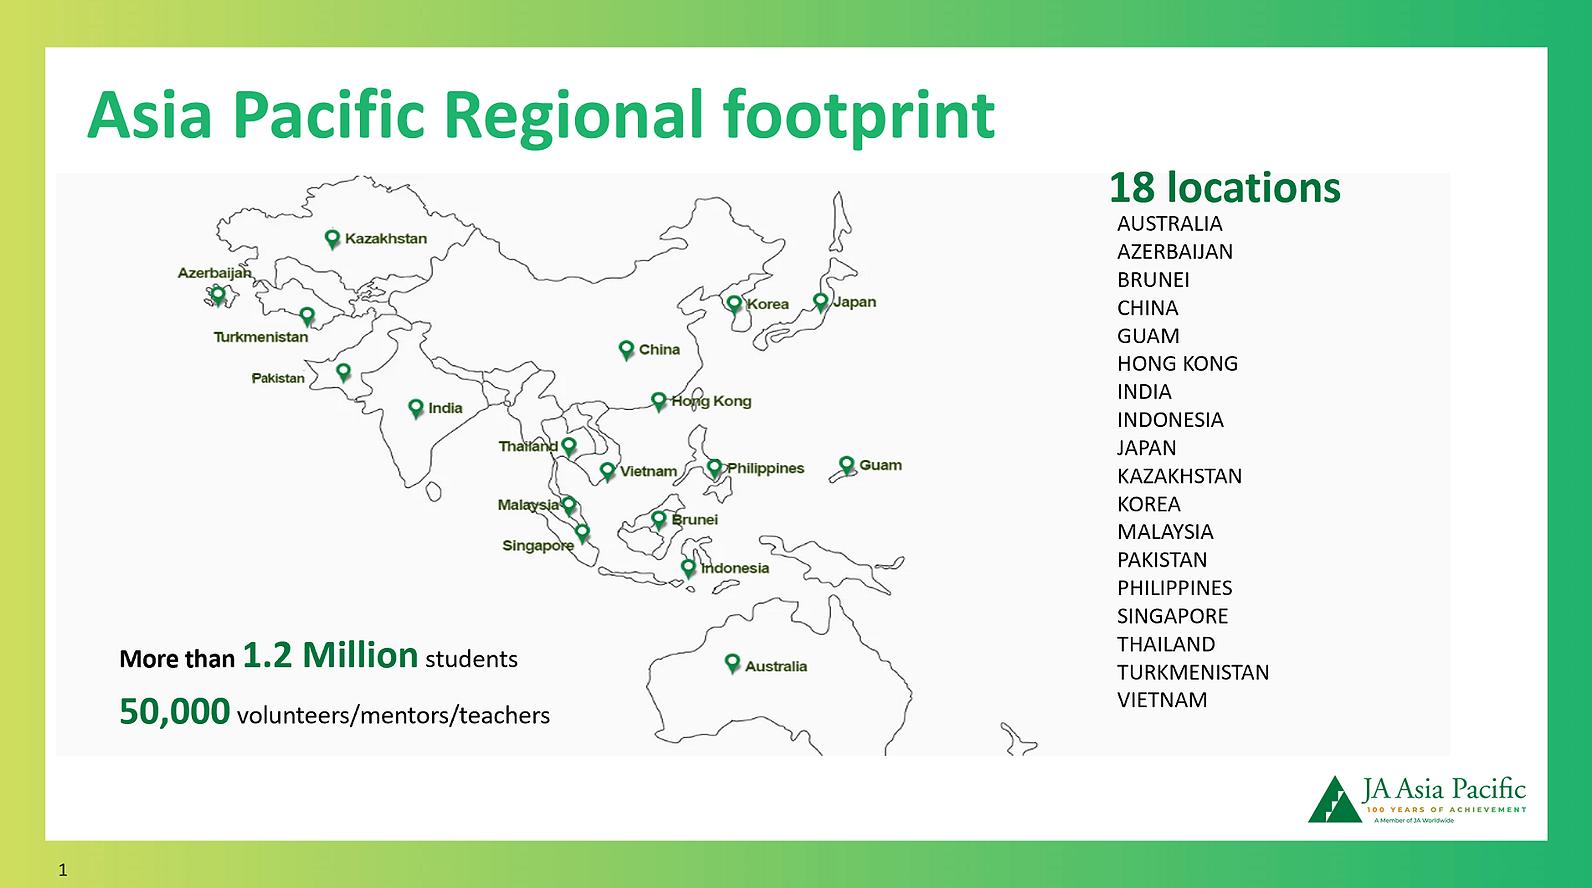 JA AP Footprint image.png